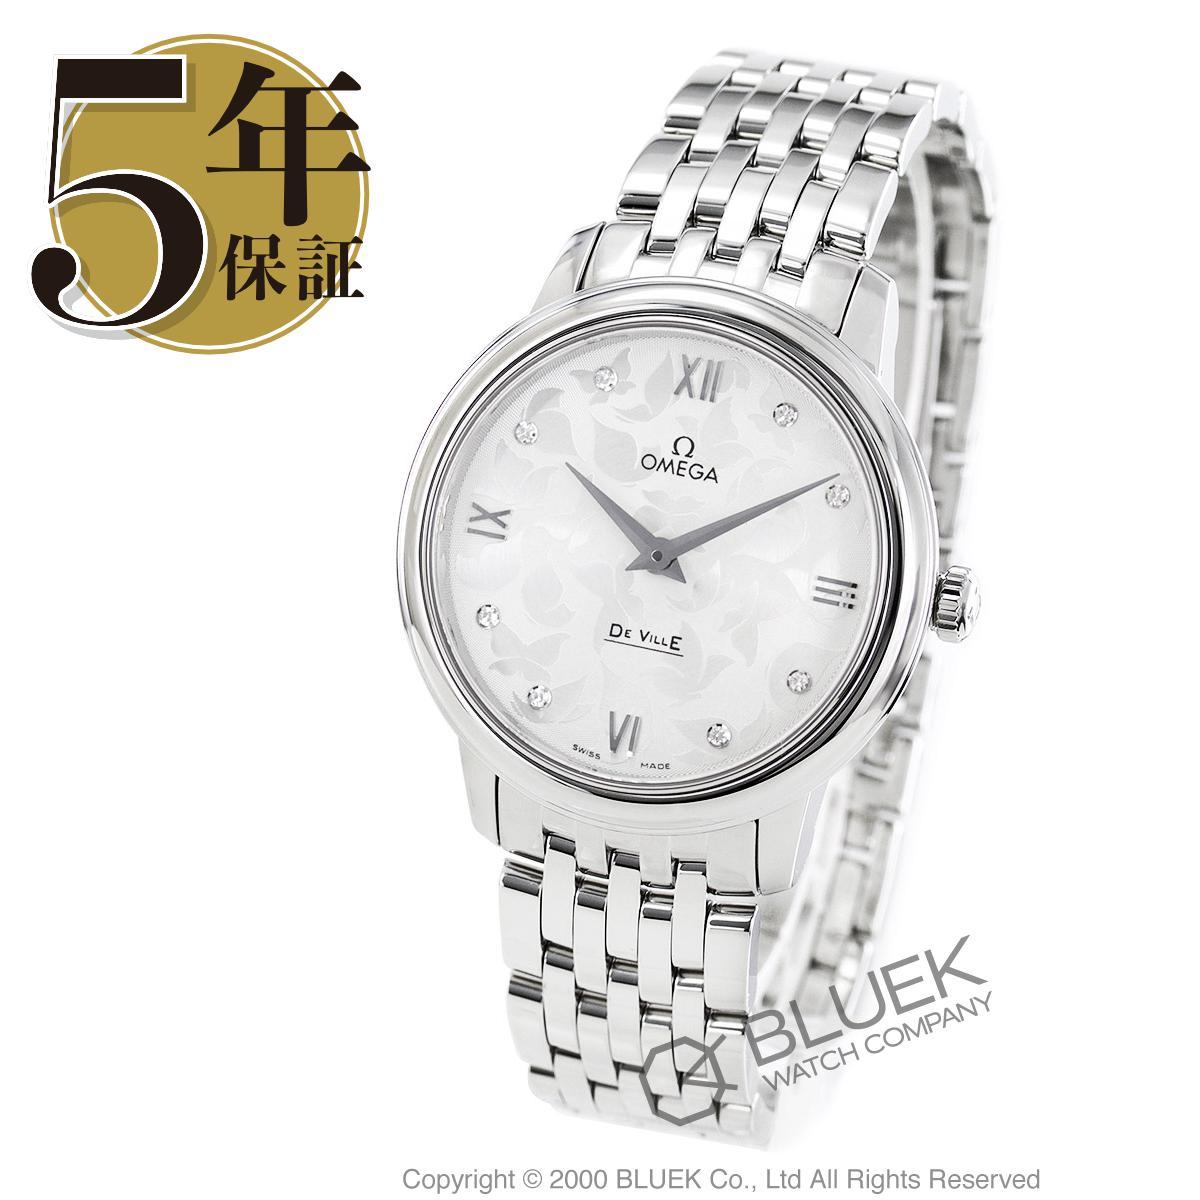 オメガ デビル プレステージ バタフライ ダイヤ 腕時計 レディース OMEGA 424.10.33.60.52.001_8 バーゲン ギフト プレゼント